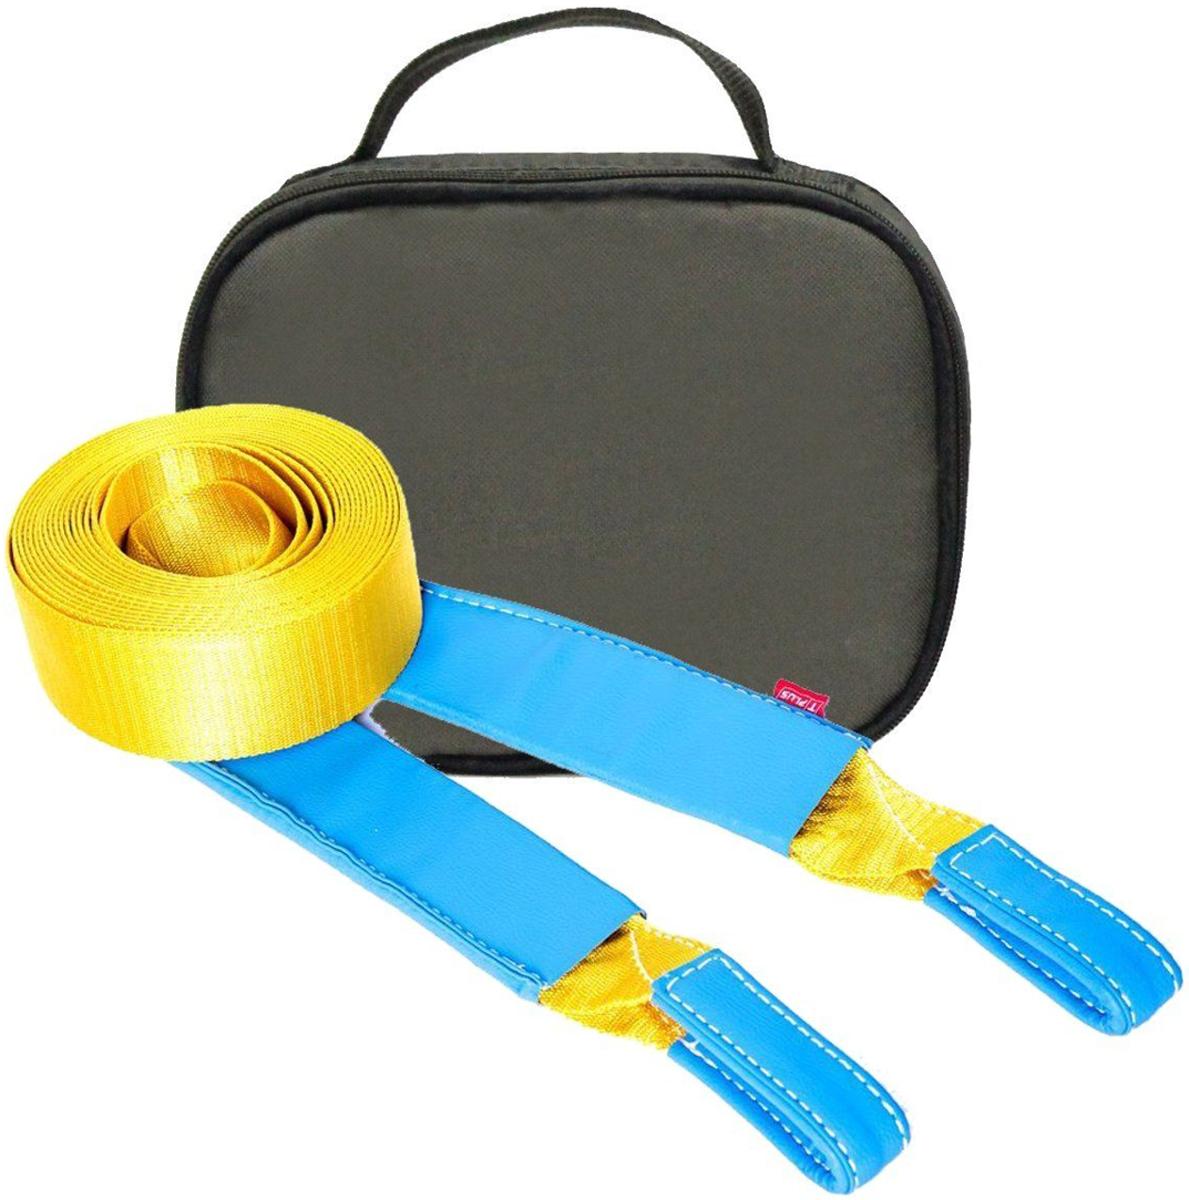 Строп динамический Tplus Стандарт, рывковый, с сумкой, цвет: оливковый, 6 т, 5 м.T001959Минимальная разрывная нагрузка (MBS): 6 т; Длина: 5 м; Ширина ленты: 70 мм; Материал ленты: полиамид; Защита петель: экокожа; Защита швов: экокожа; Эластичность (удлинение при нагрузке): 20%; Исполнение: петля/петля; Применяется для а/м массой* от 1 до 1.8 т; Сумка (оксфорд); Гарантия: 1 год. *масса а/м = снаряженная масса а/м + 100 кг (+20% при эвакуации а/м из грязи). Если а/м оснащен дополнительным оборудованием (силовой бампер, лебёдка и т. п.), то масса а/м = снаряженная масса а/м + 100 кг + масса дополнительно установленного навесного оборудования (+20% при эвакуации а/м из грязи).